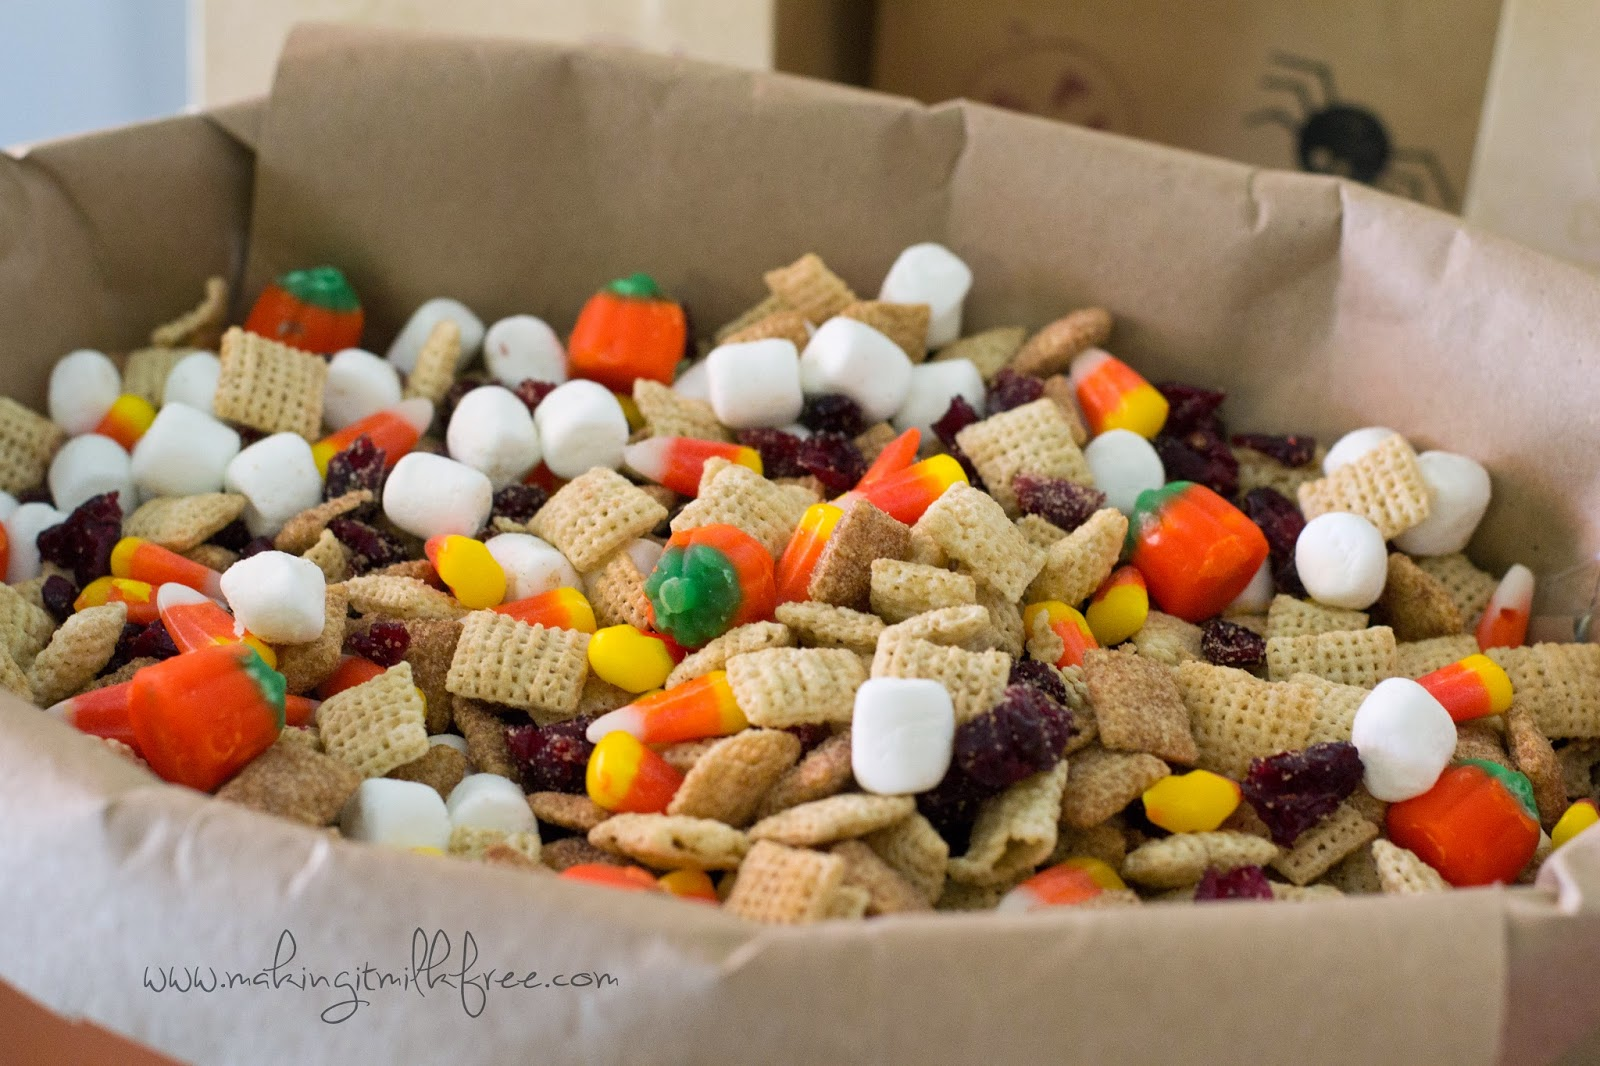 #glutenfree #dairyfree #nutfree #allergyfriendly #snacks #halloween